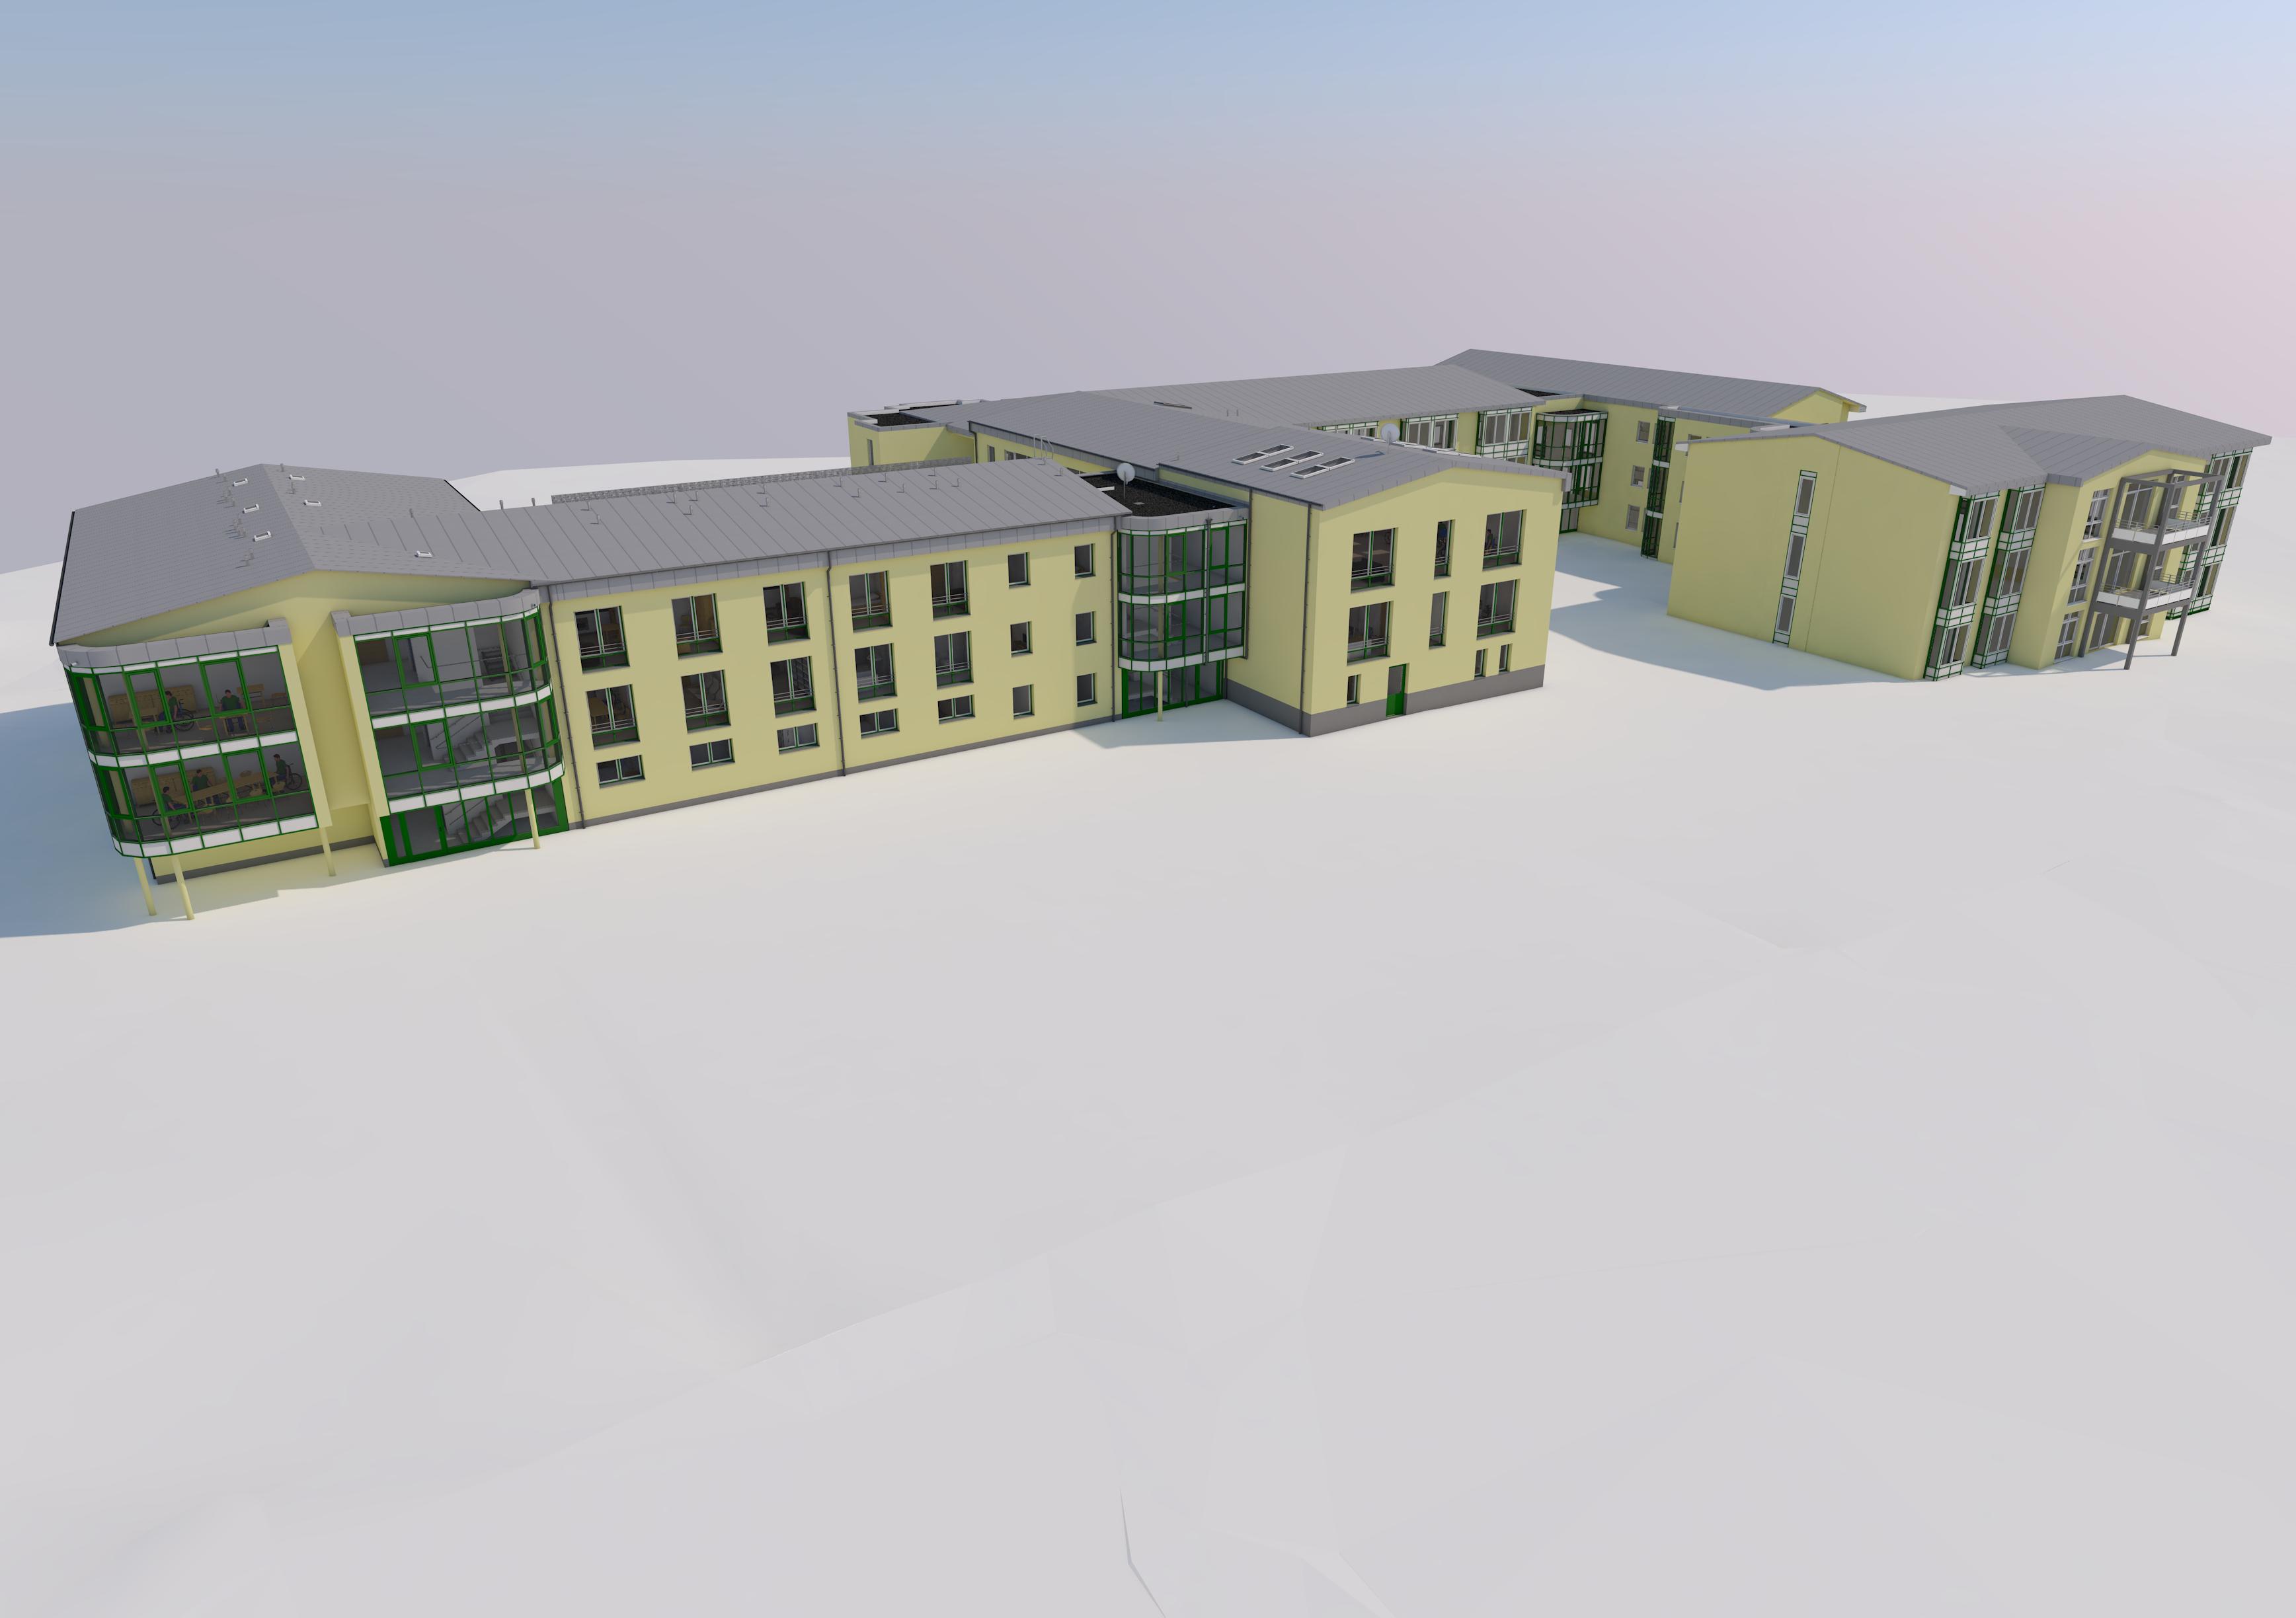 Umbau und Anbau Alten- und Pflegeheim Storkow Karlslust